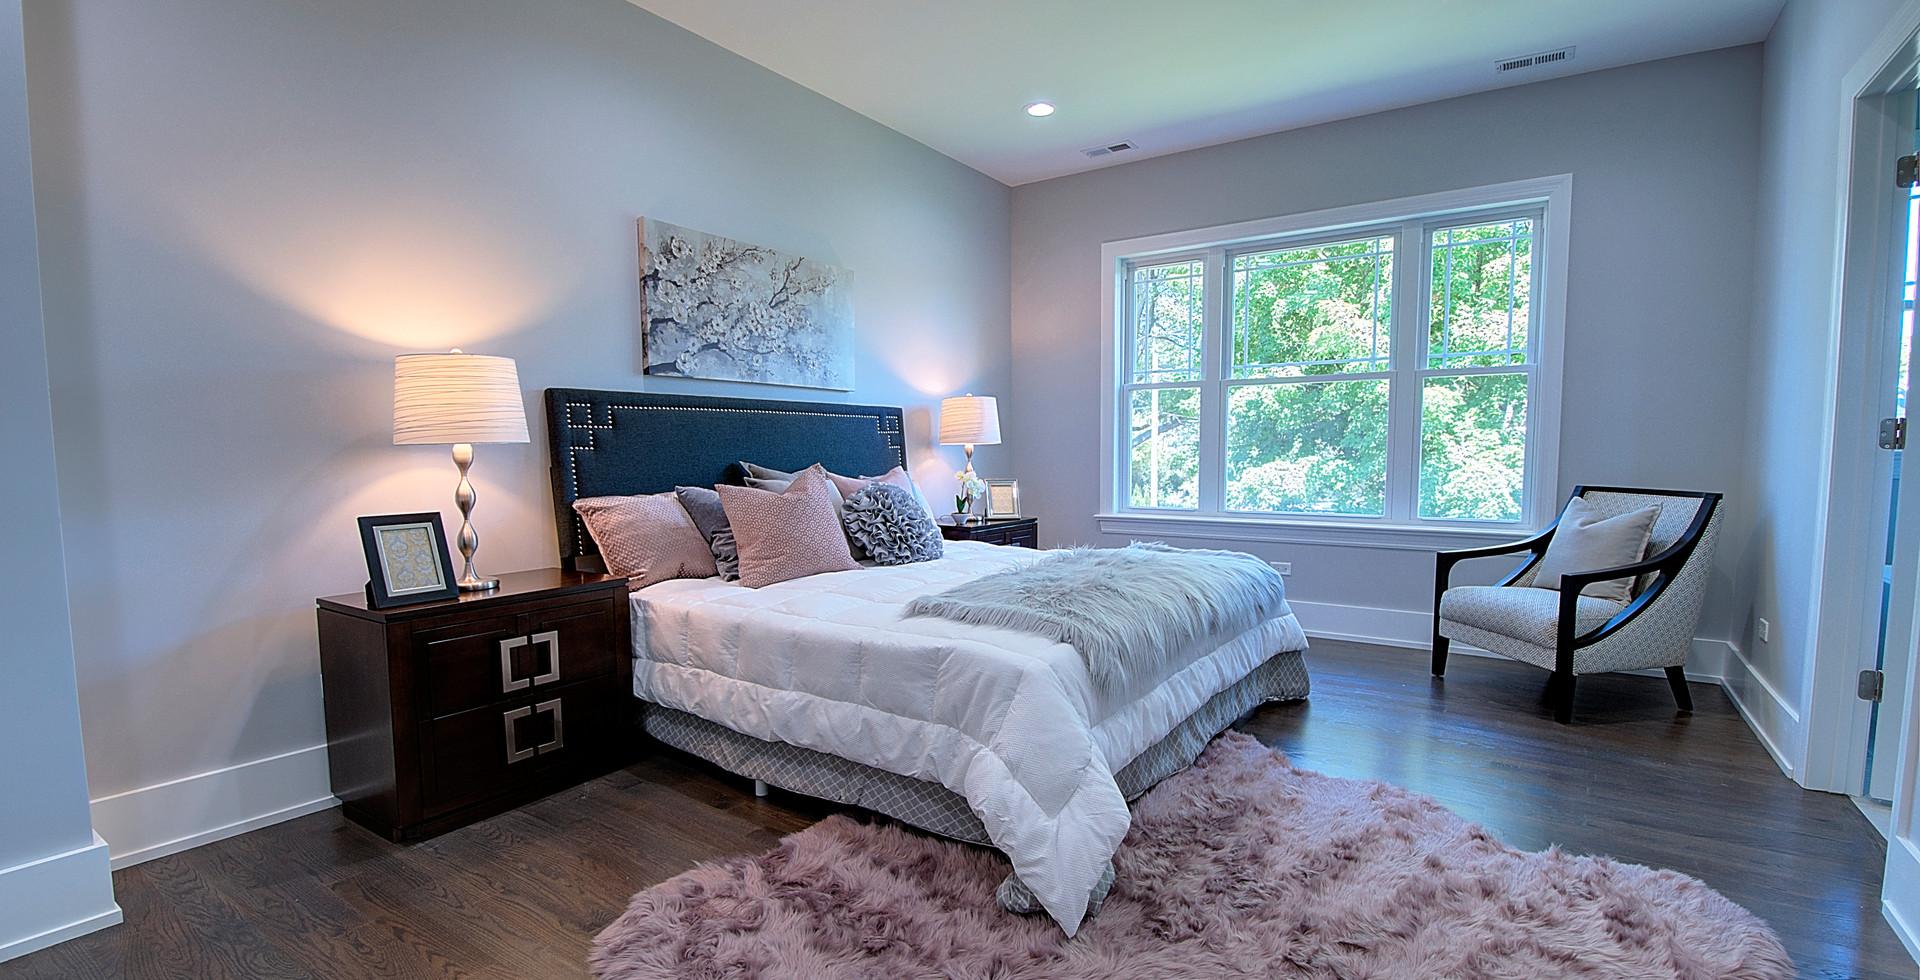 Bedroom in Elmhurst designed by MRM Home Design.jpg